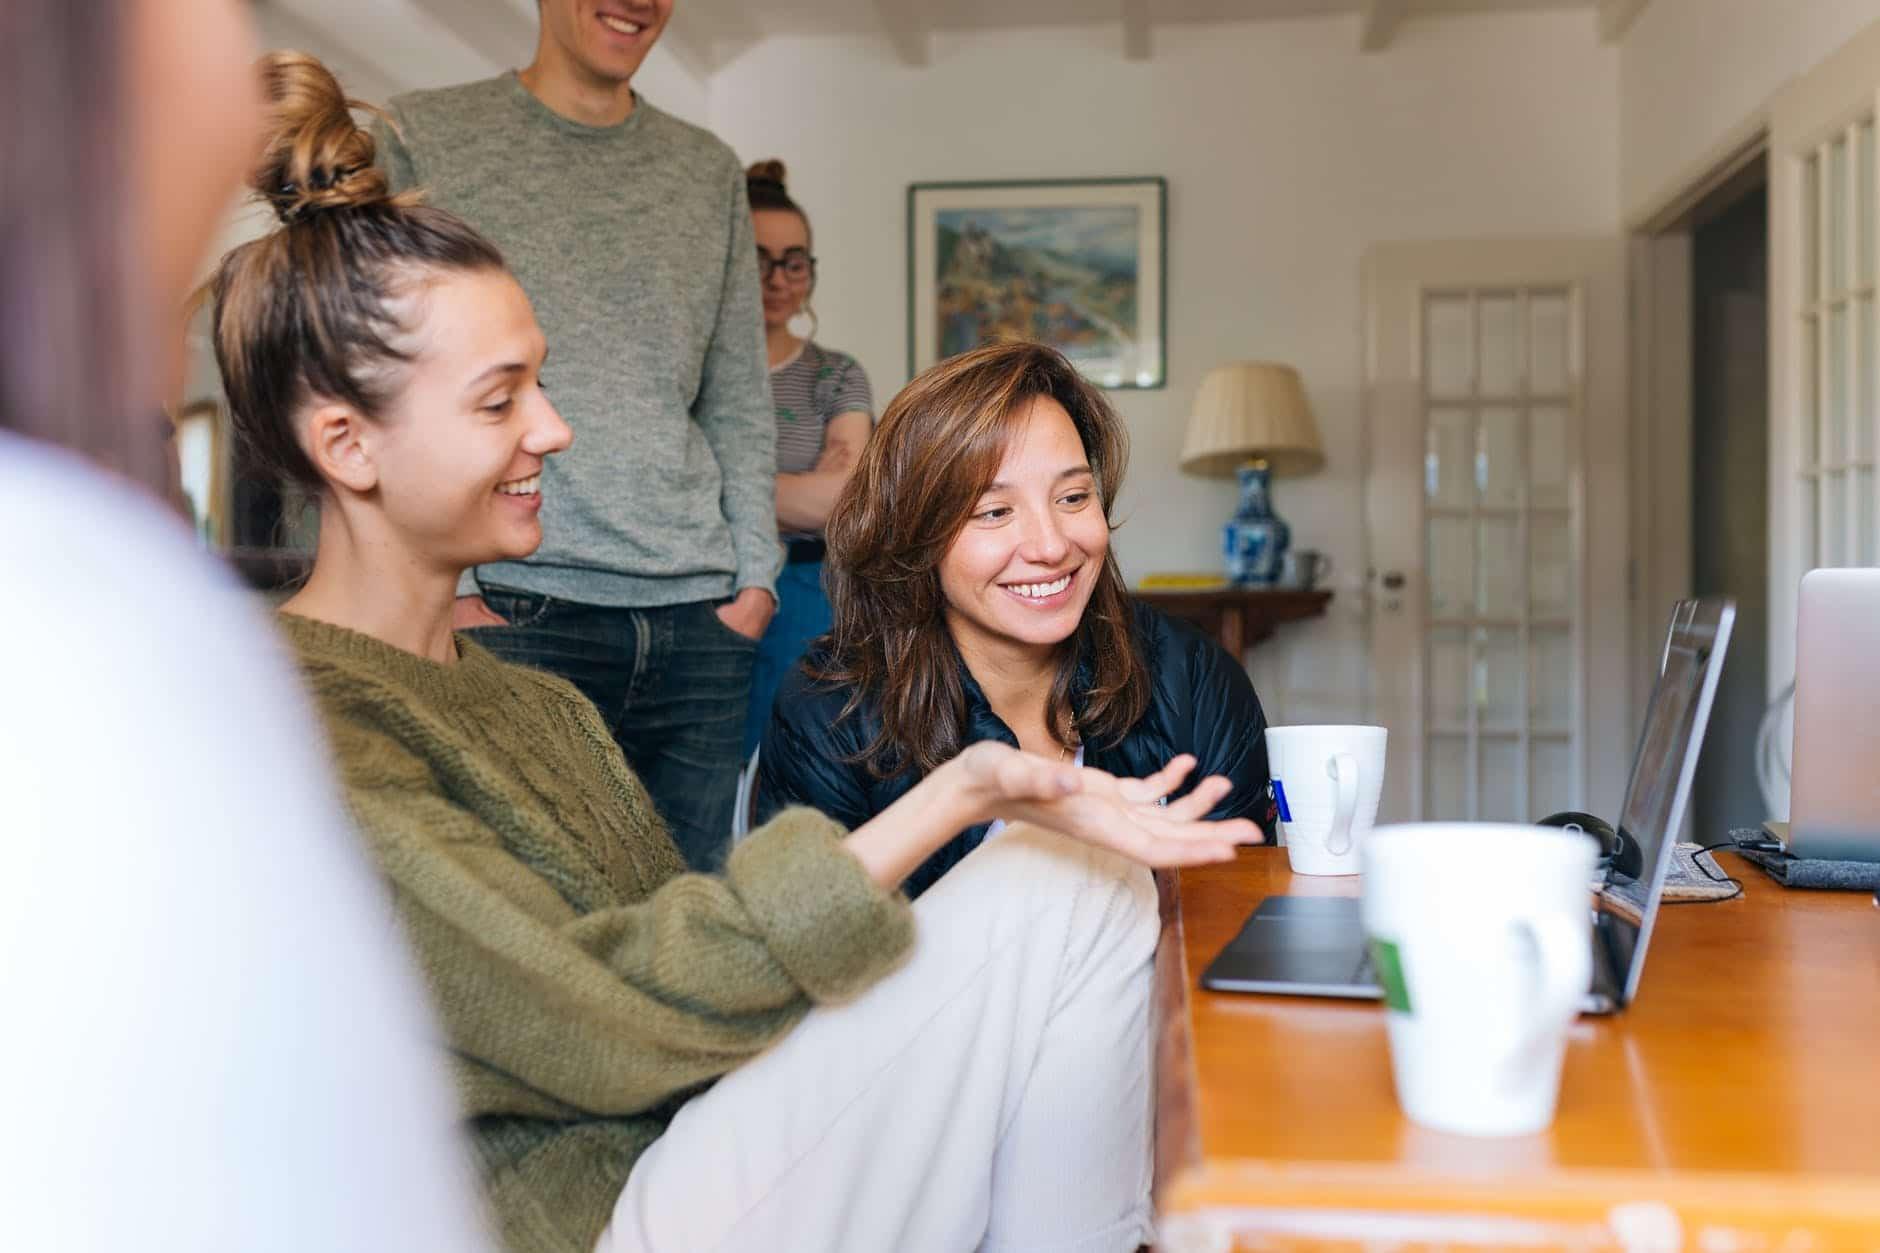 5 dolog, amivel jobbá tehetjük az életünket a karantén ideje alatt